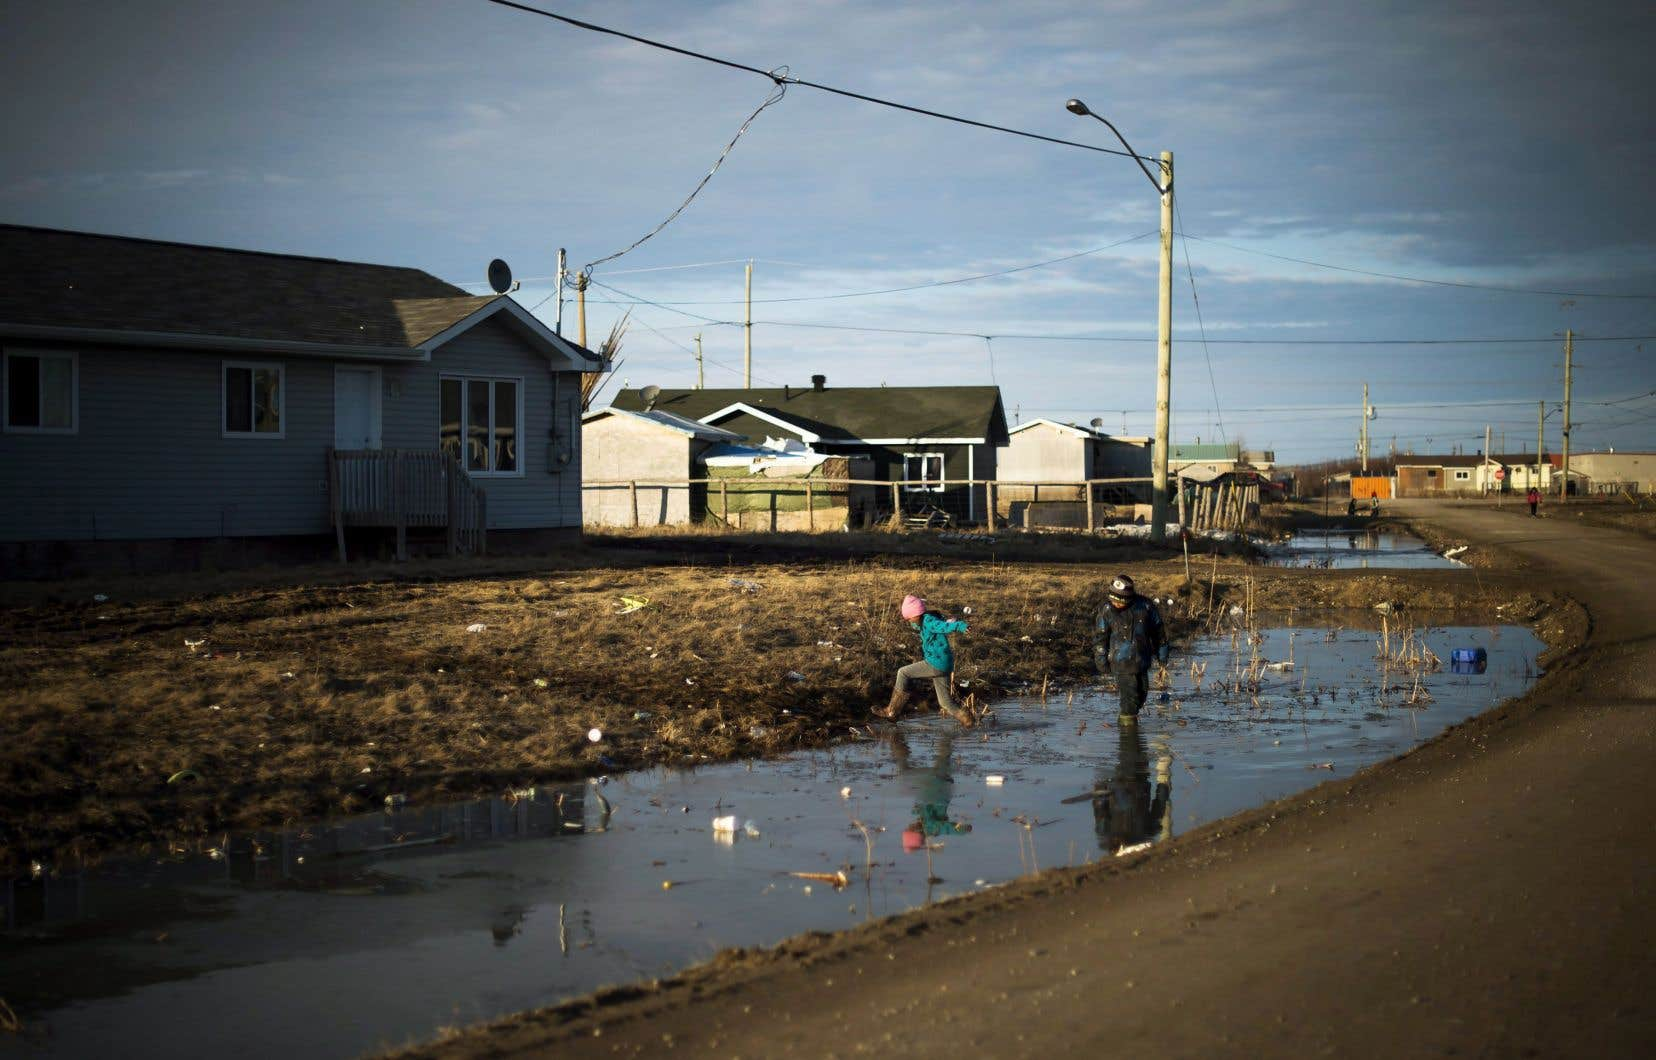 Selon le rapport, les régions où les enfants sont les plus pauvres au Canada affichaient une proportion plus élevée d'autochtones.